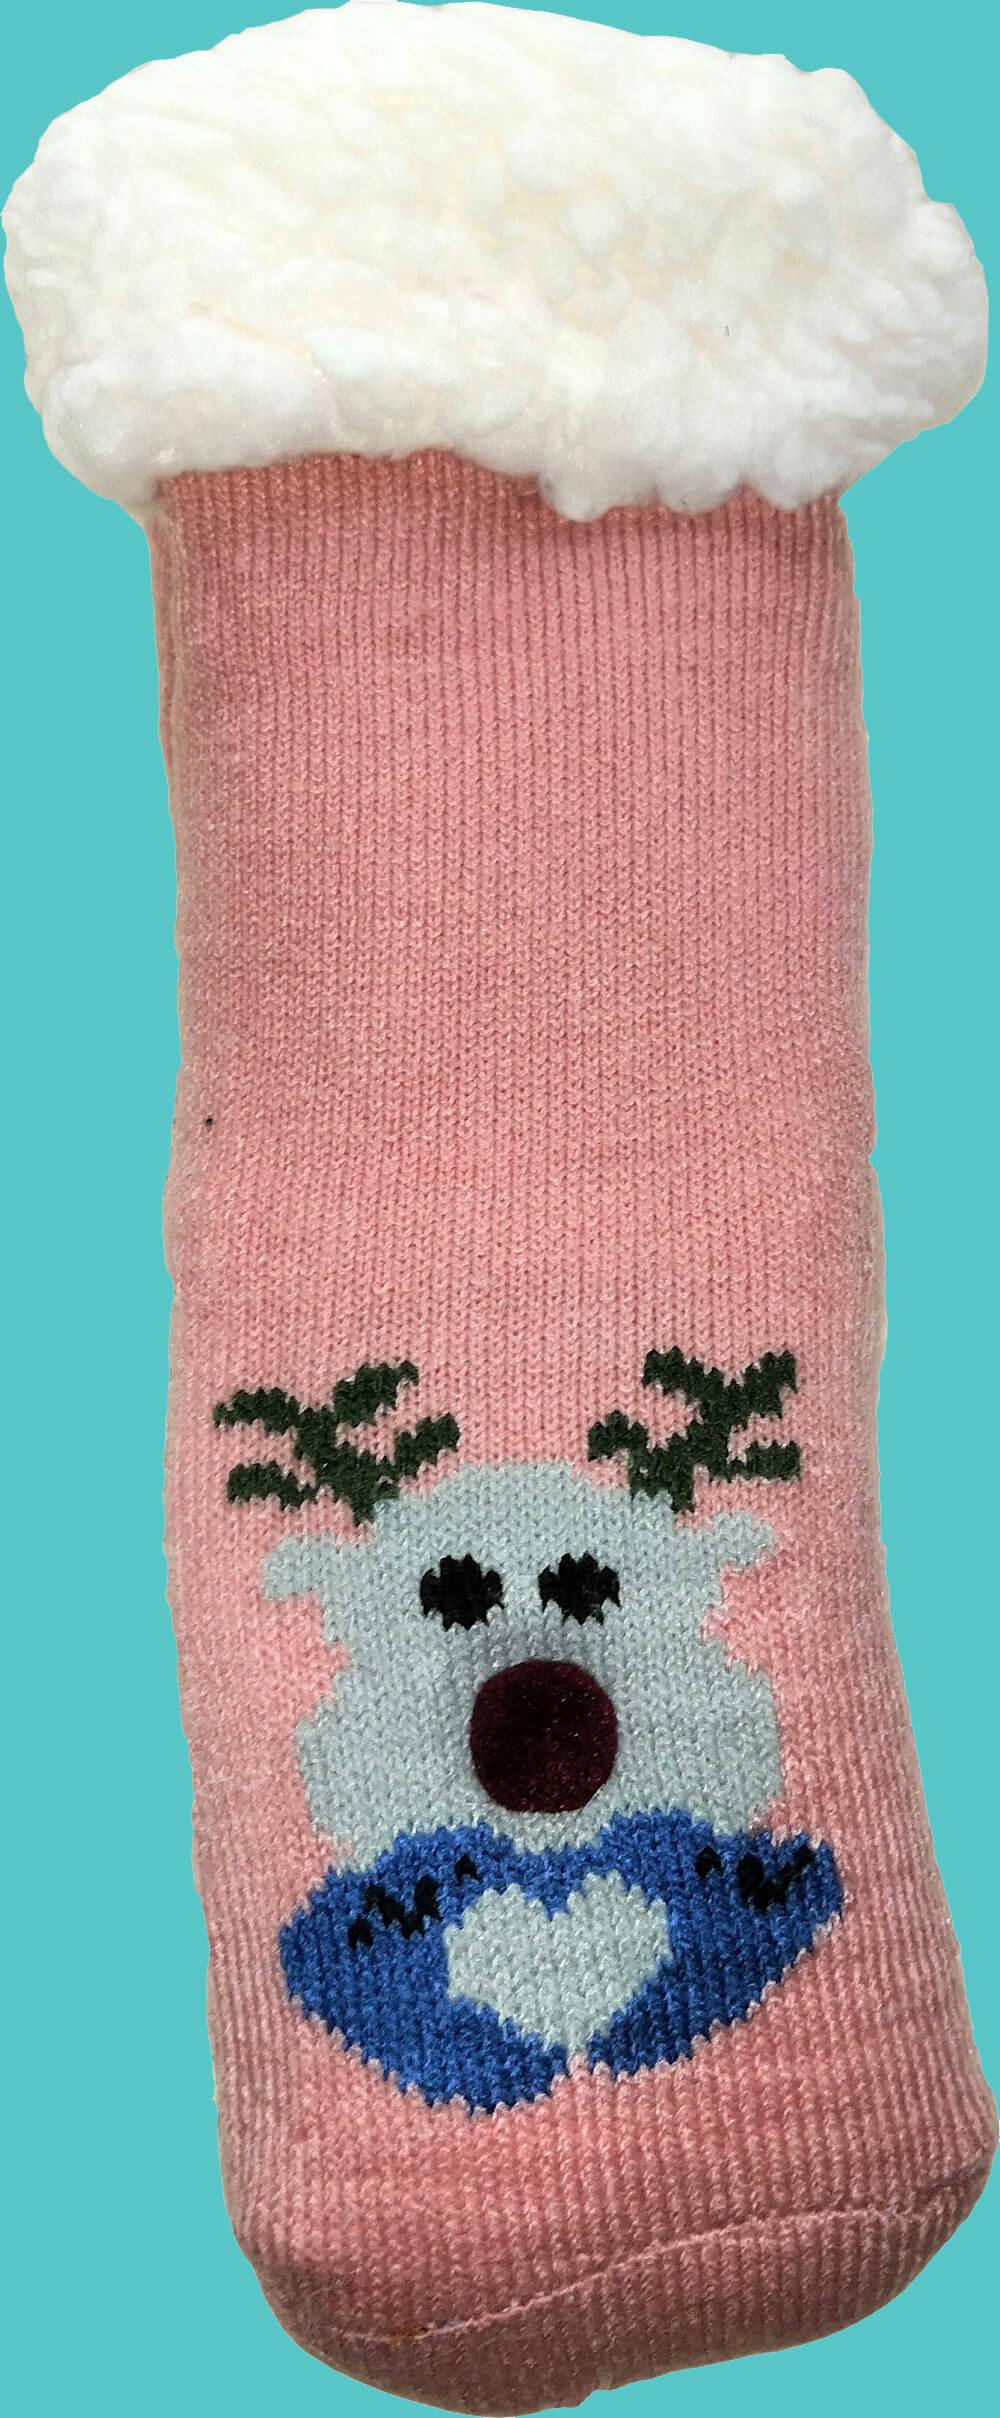 Детские носки-тапочки LookEN SM-HL-7211D-p 26-28 размера розового цвета.